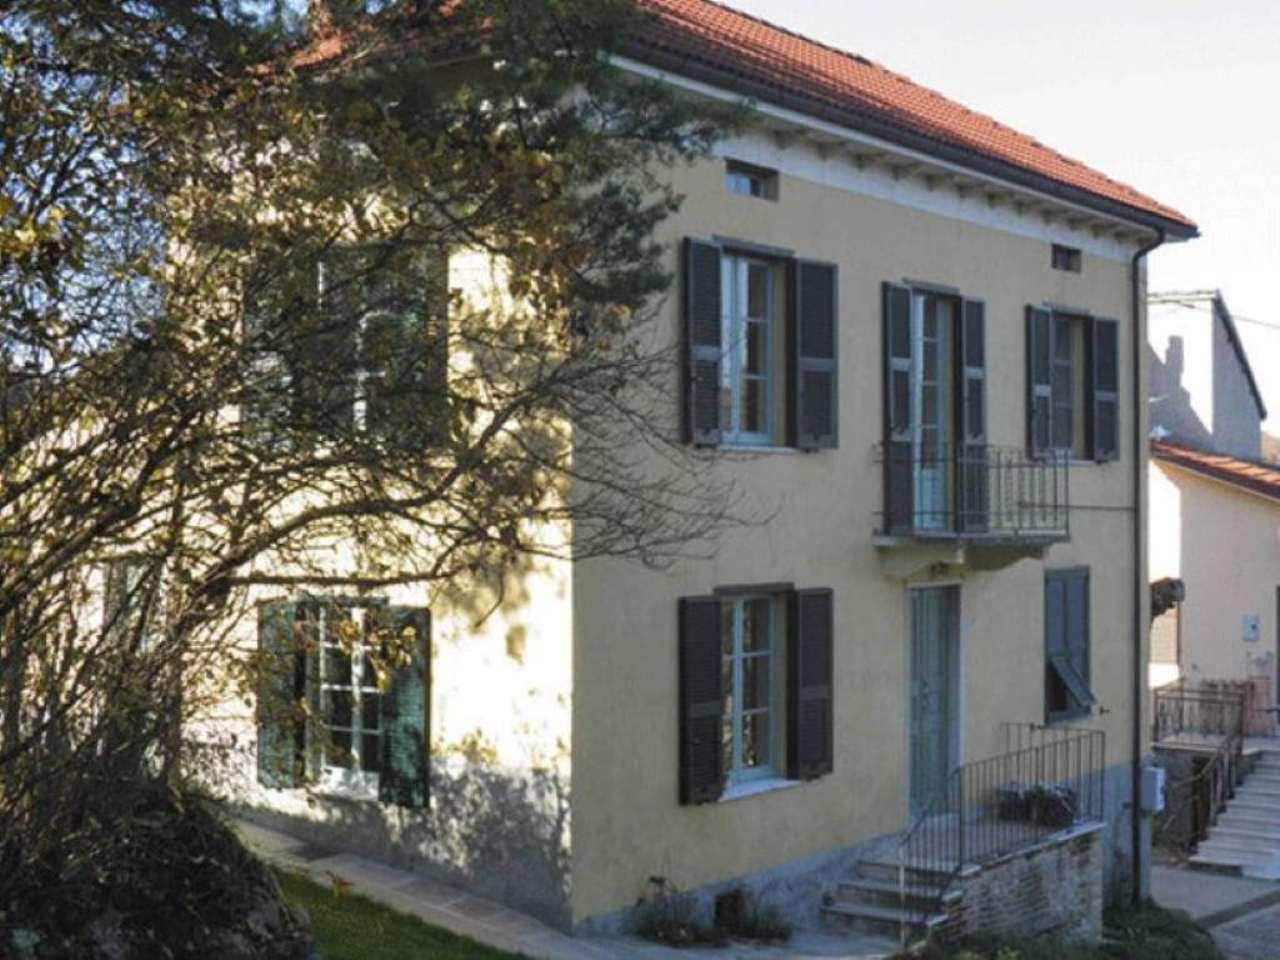 Soluzione Indipendente in vendita a Cassinelle, 10 locali, prezzo € 140.000 | PortaleAgenzieImmobiliari.it